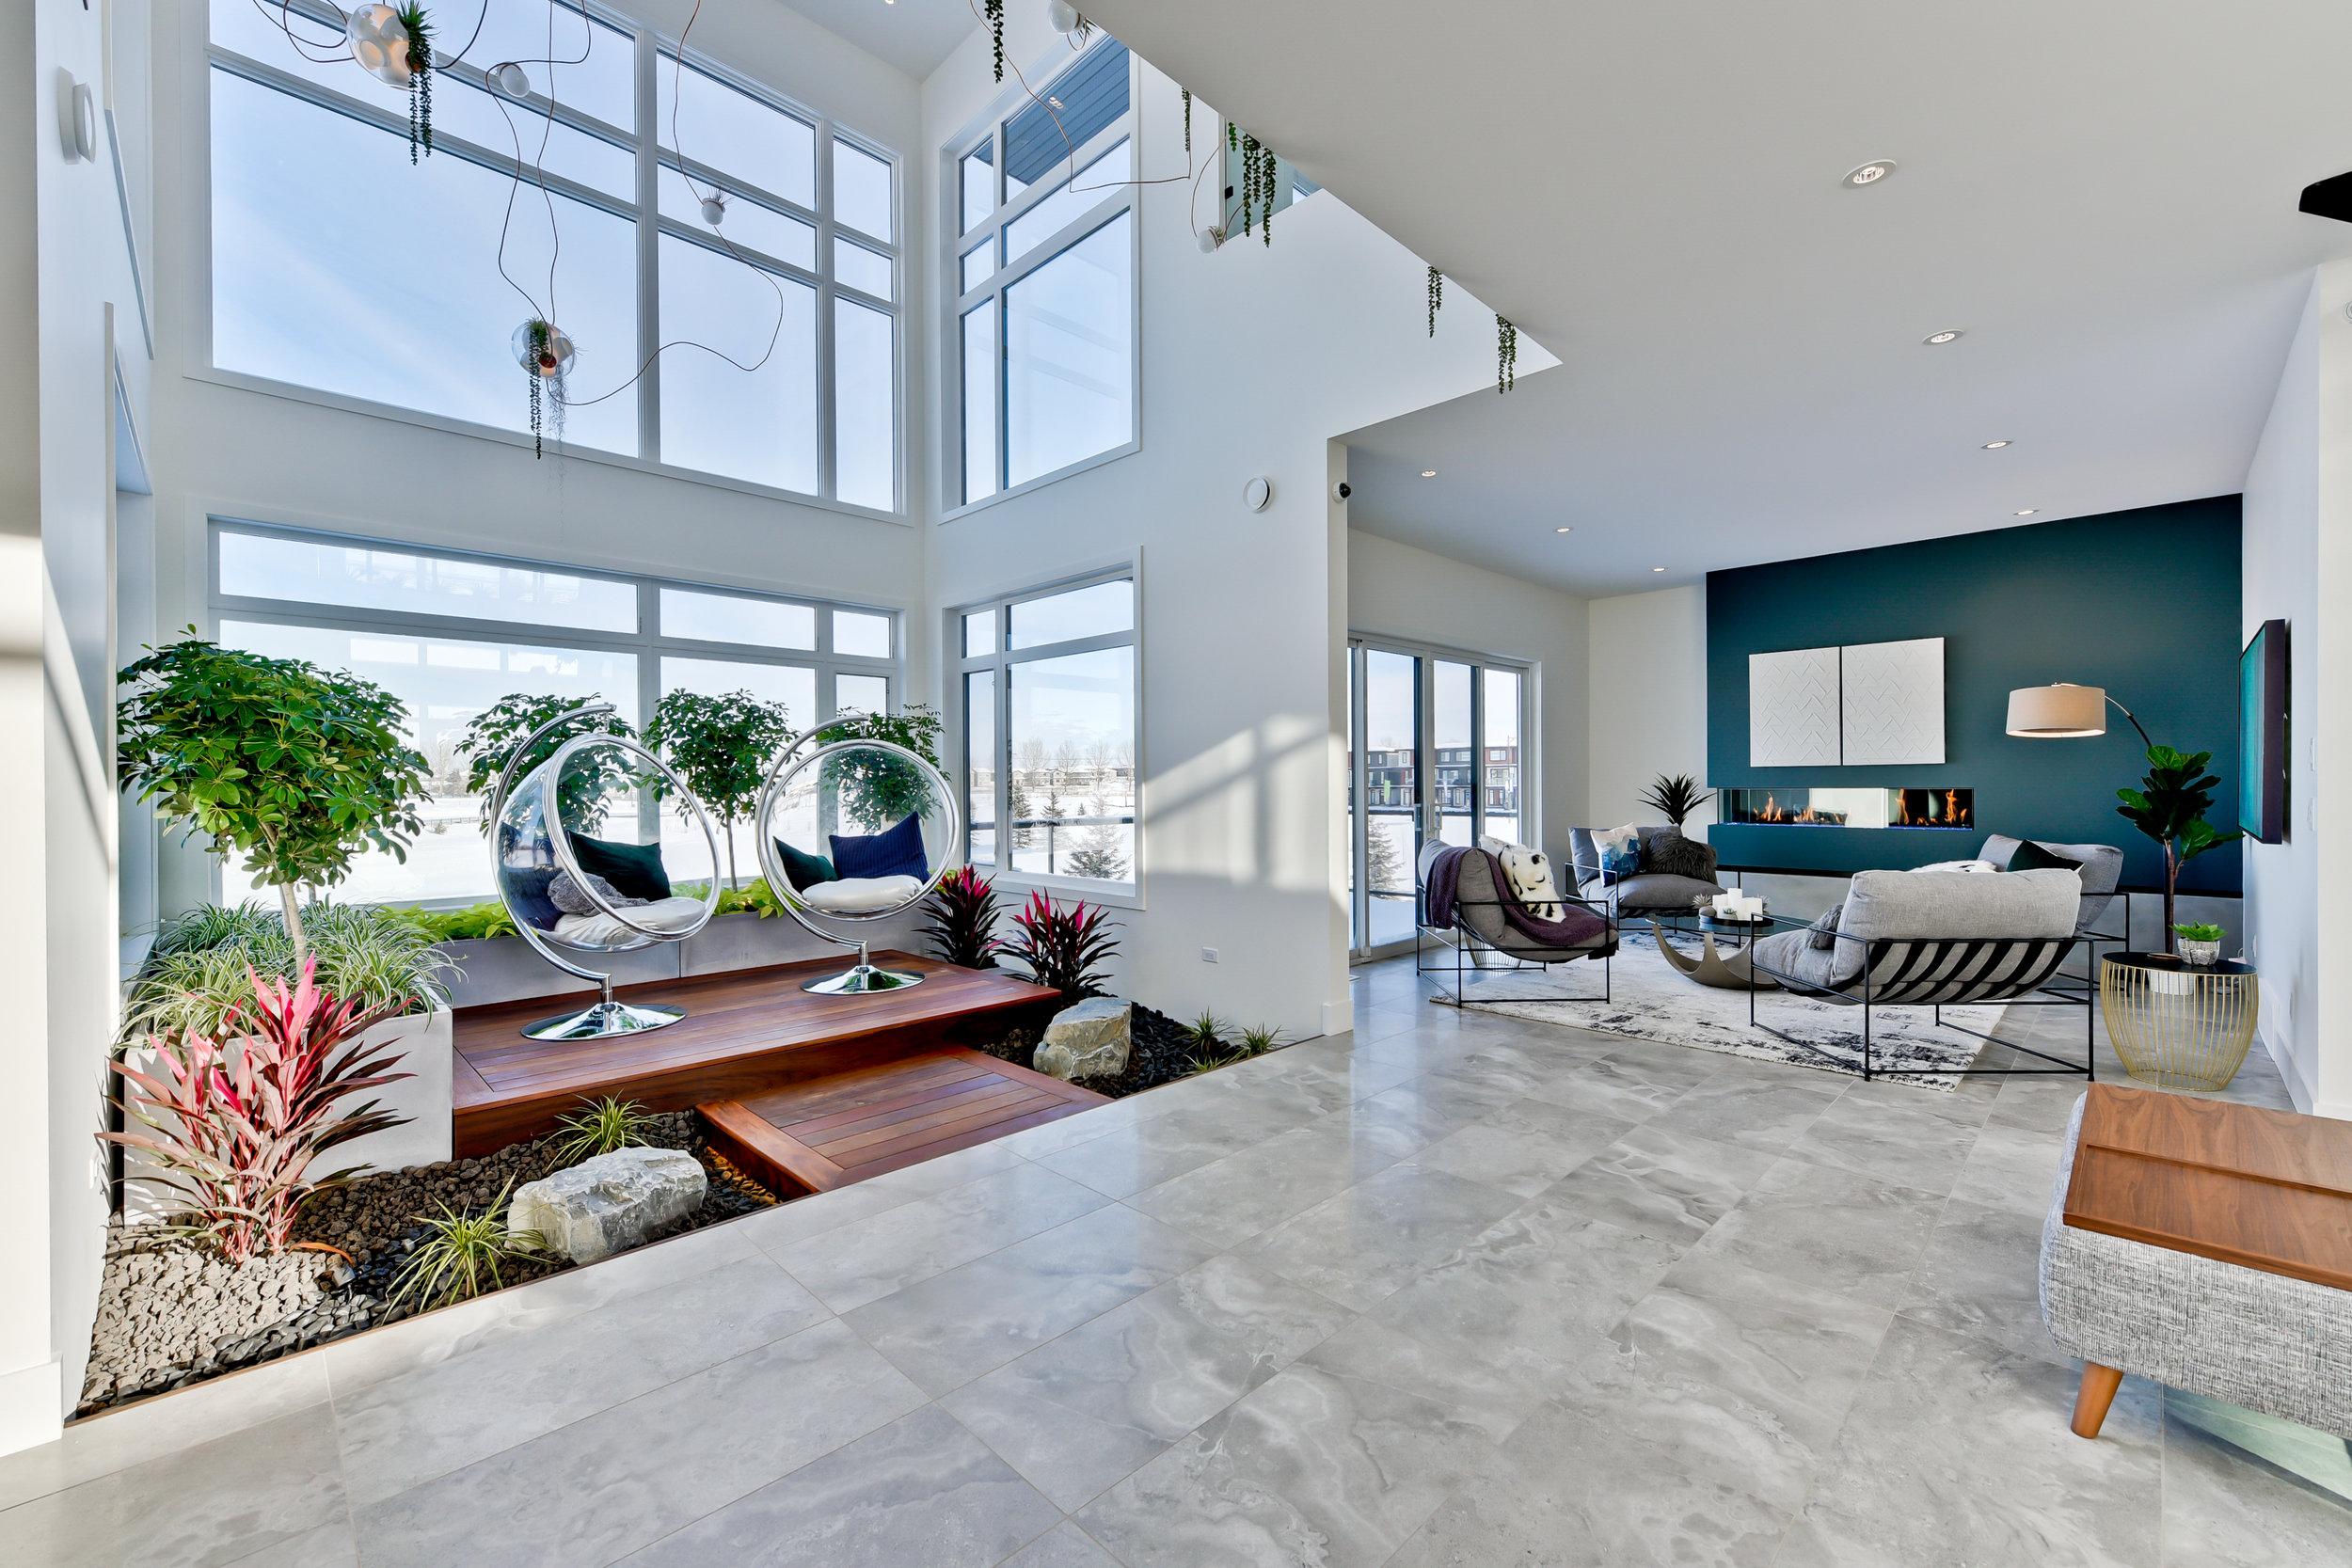 modern interior design, house with atrium